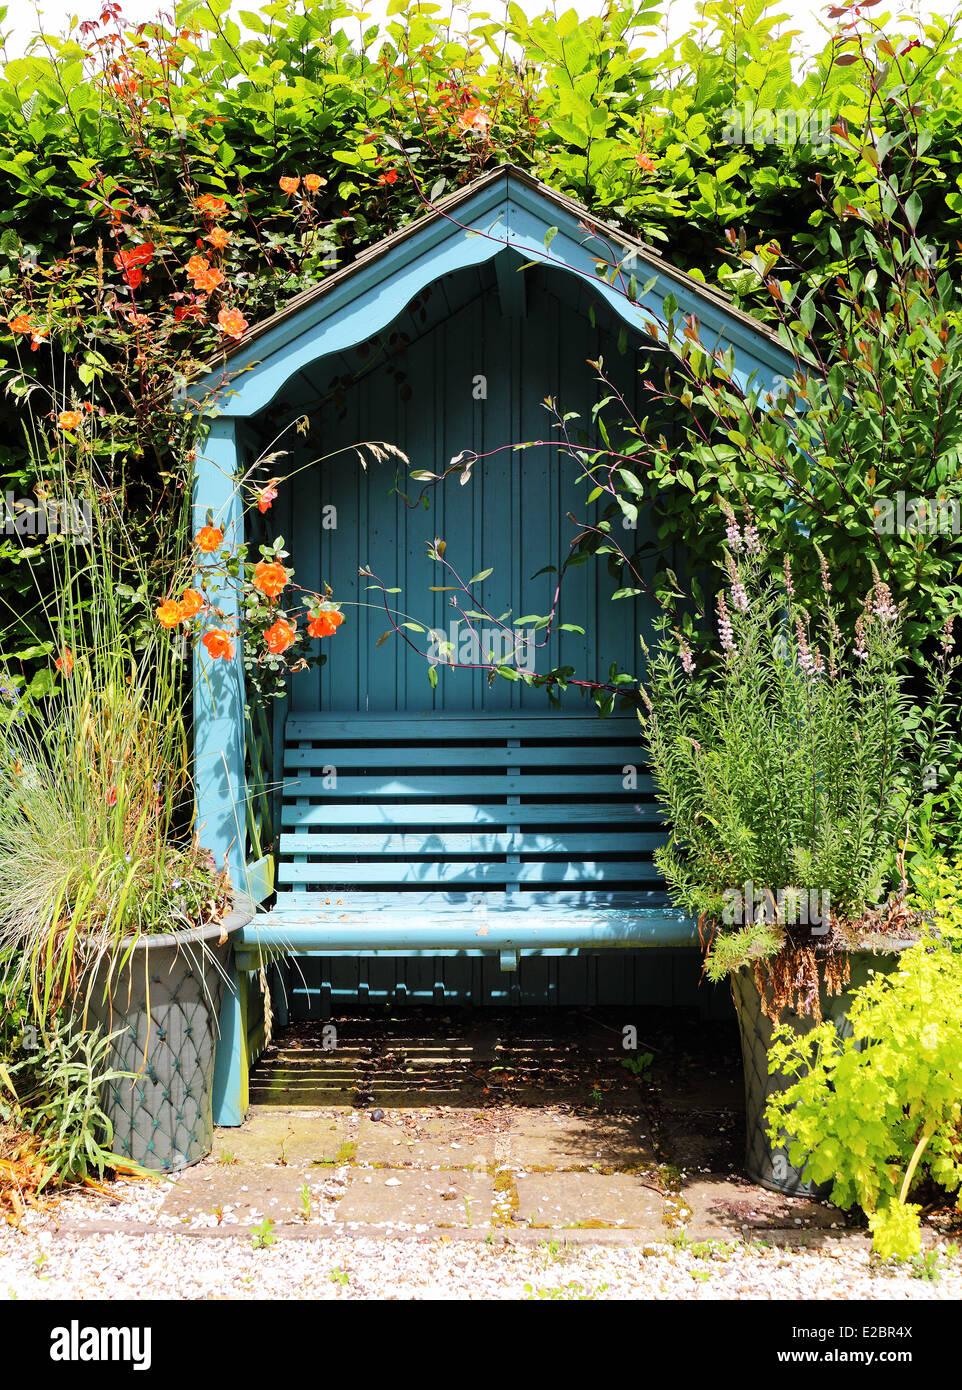 Uberdachter Sitzplatz In Einem Englischen Garten Mit Einer